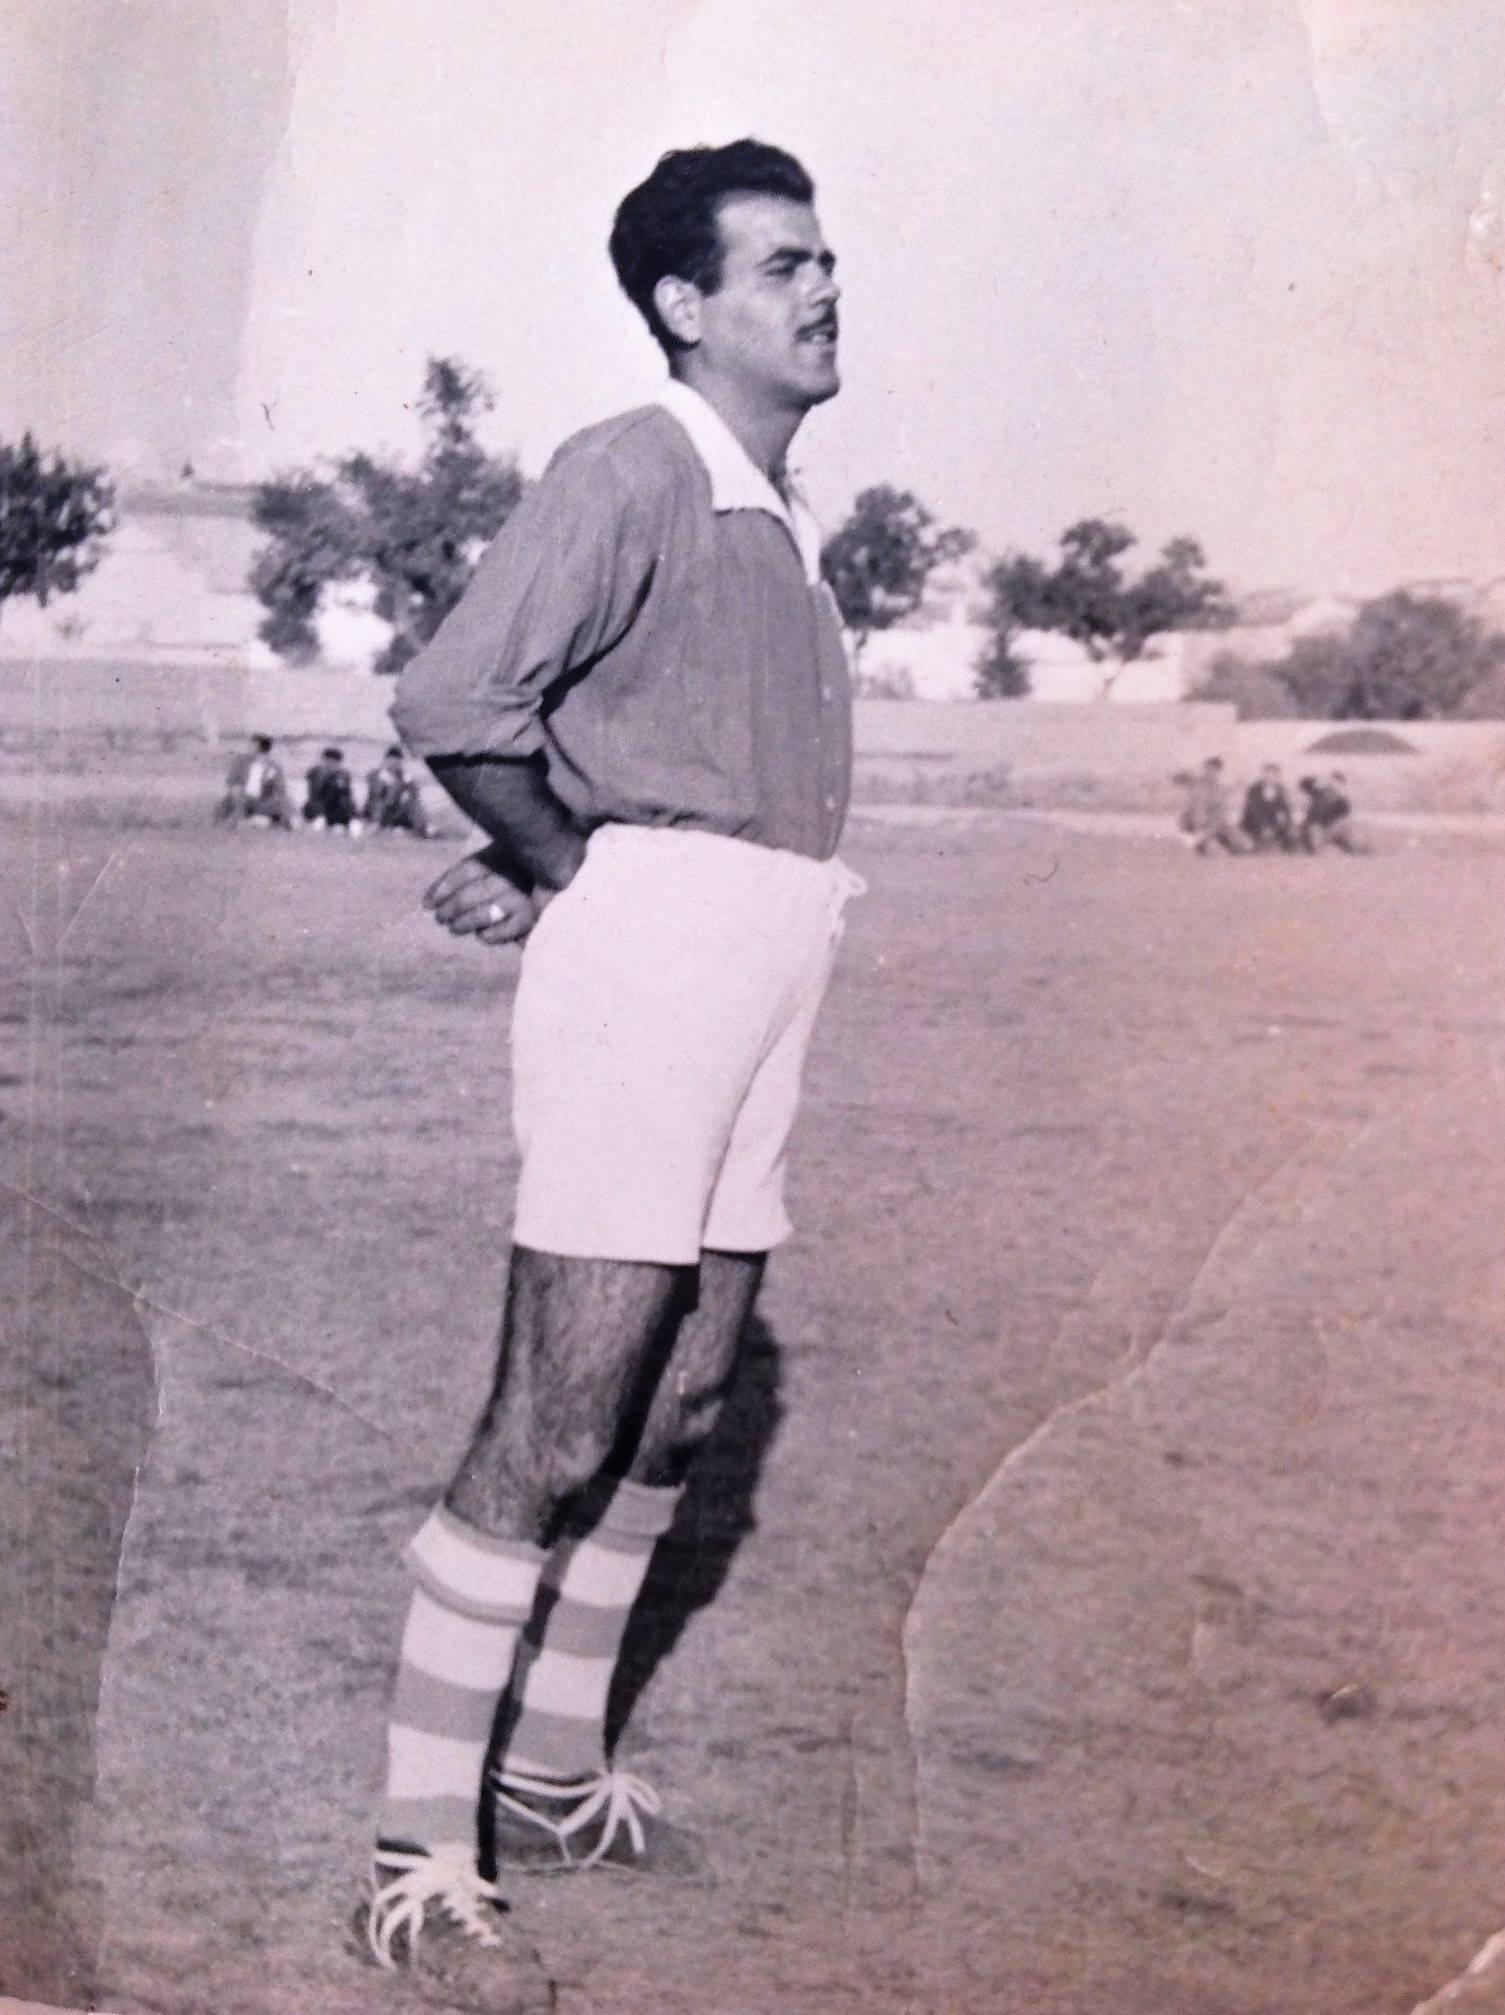 Fotografía de Pablo Rodríguez, unos años después militando en el Herencia C.F. que jugaría en 3ª División.